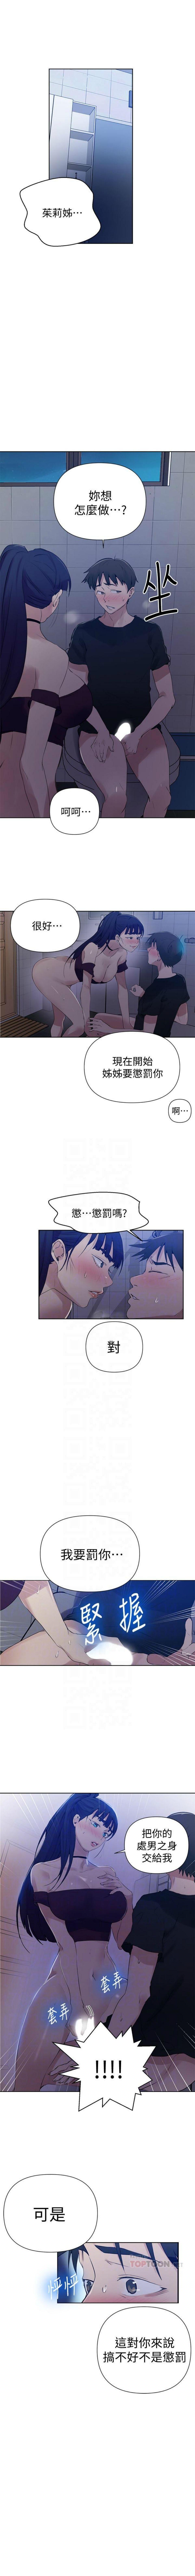 秘密教學  1-69 官方中文(連載中) 449